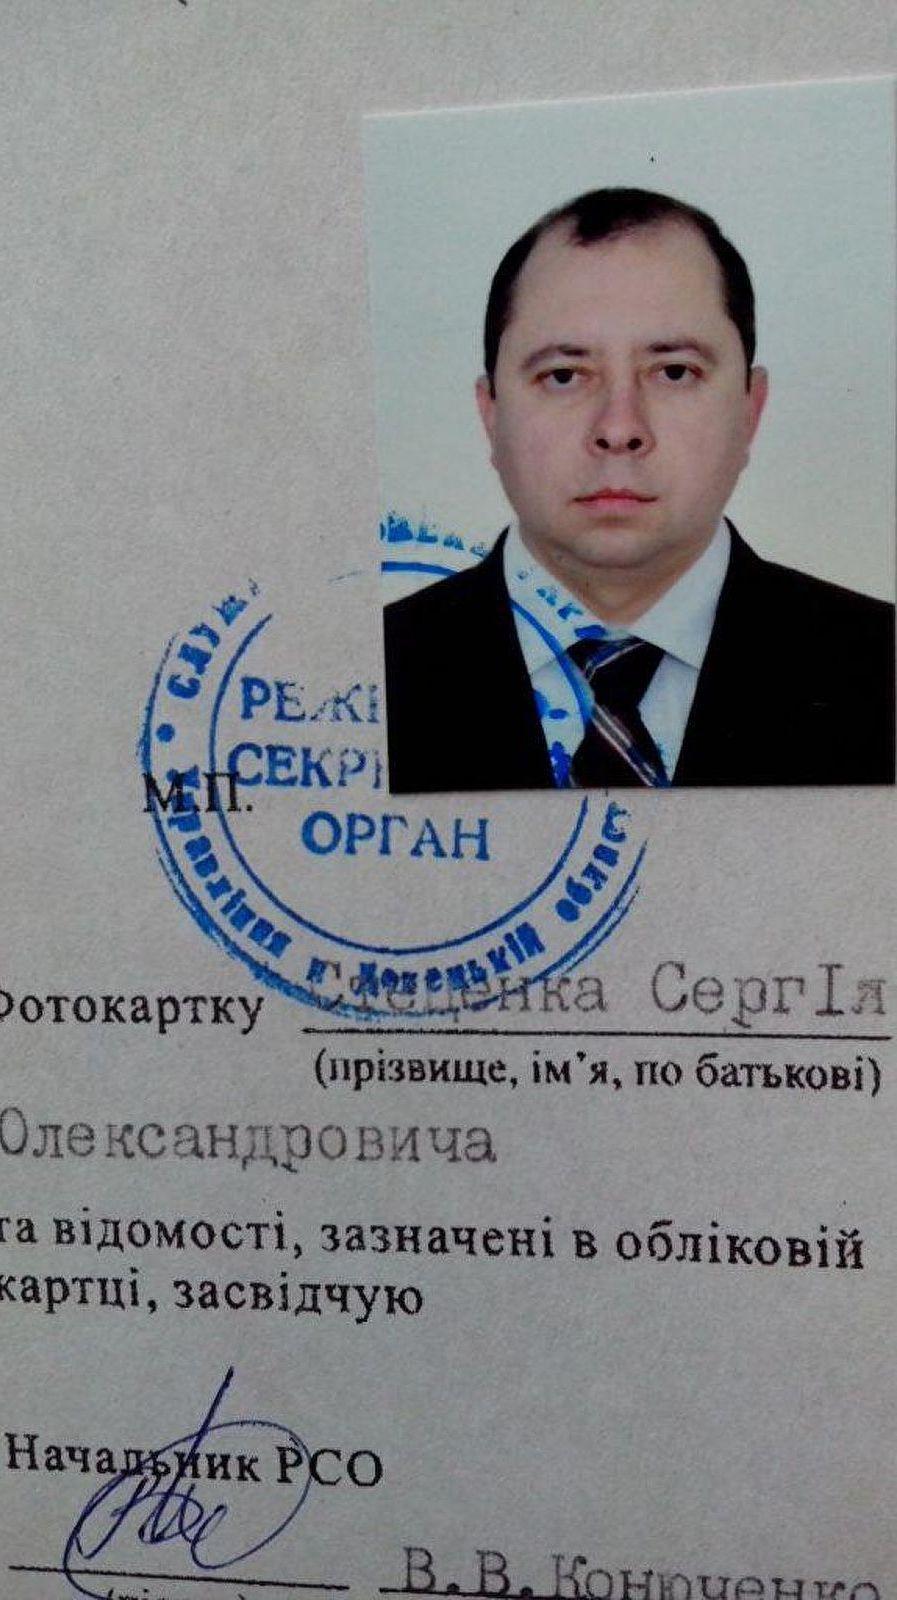 Старший оперуполномоченный военной контрразведки СБУ подполковник Сергей Стеценко, куратор Рено